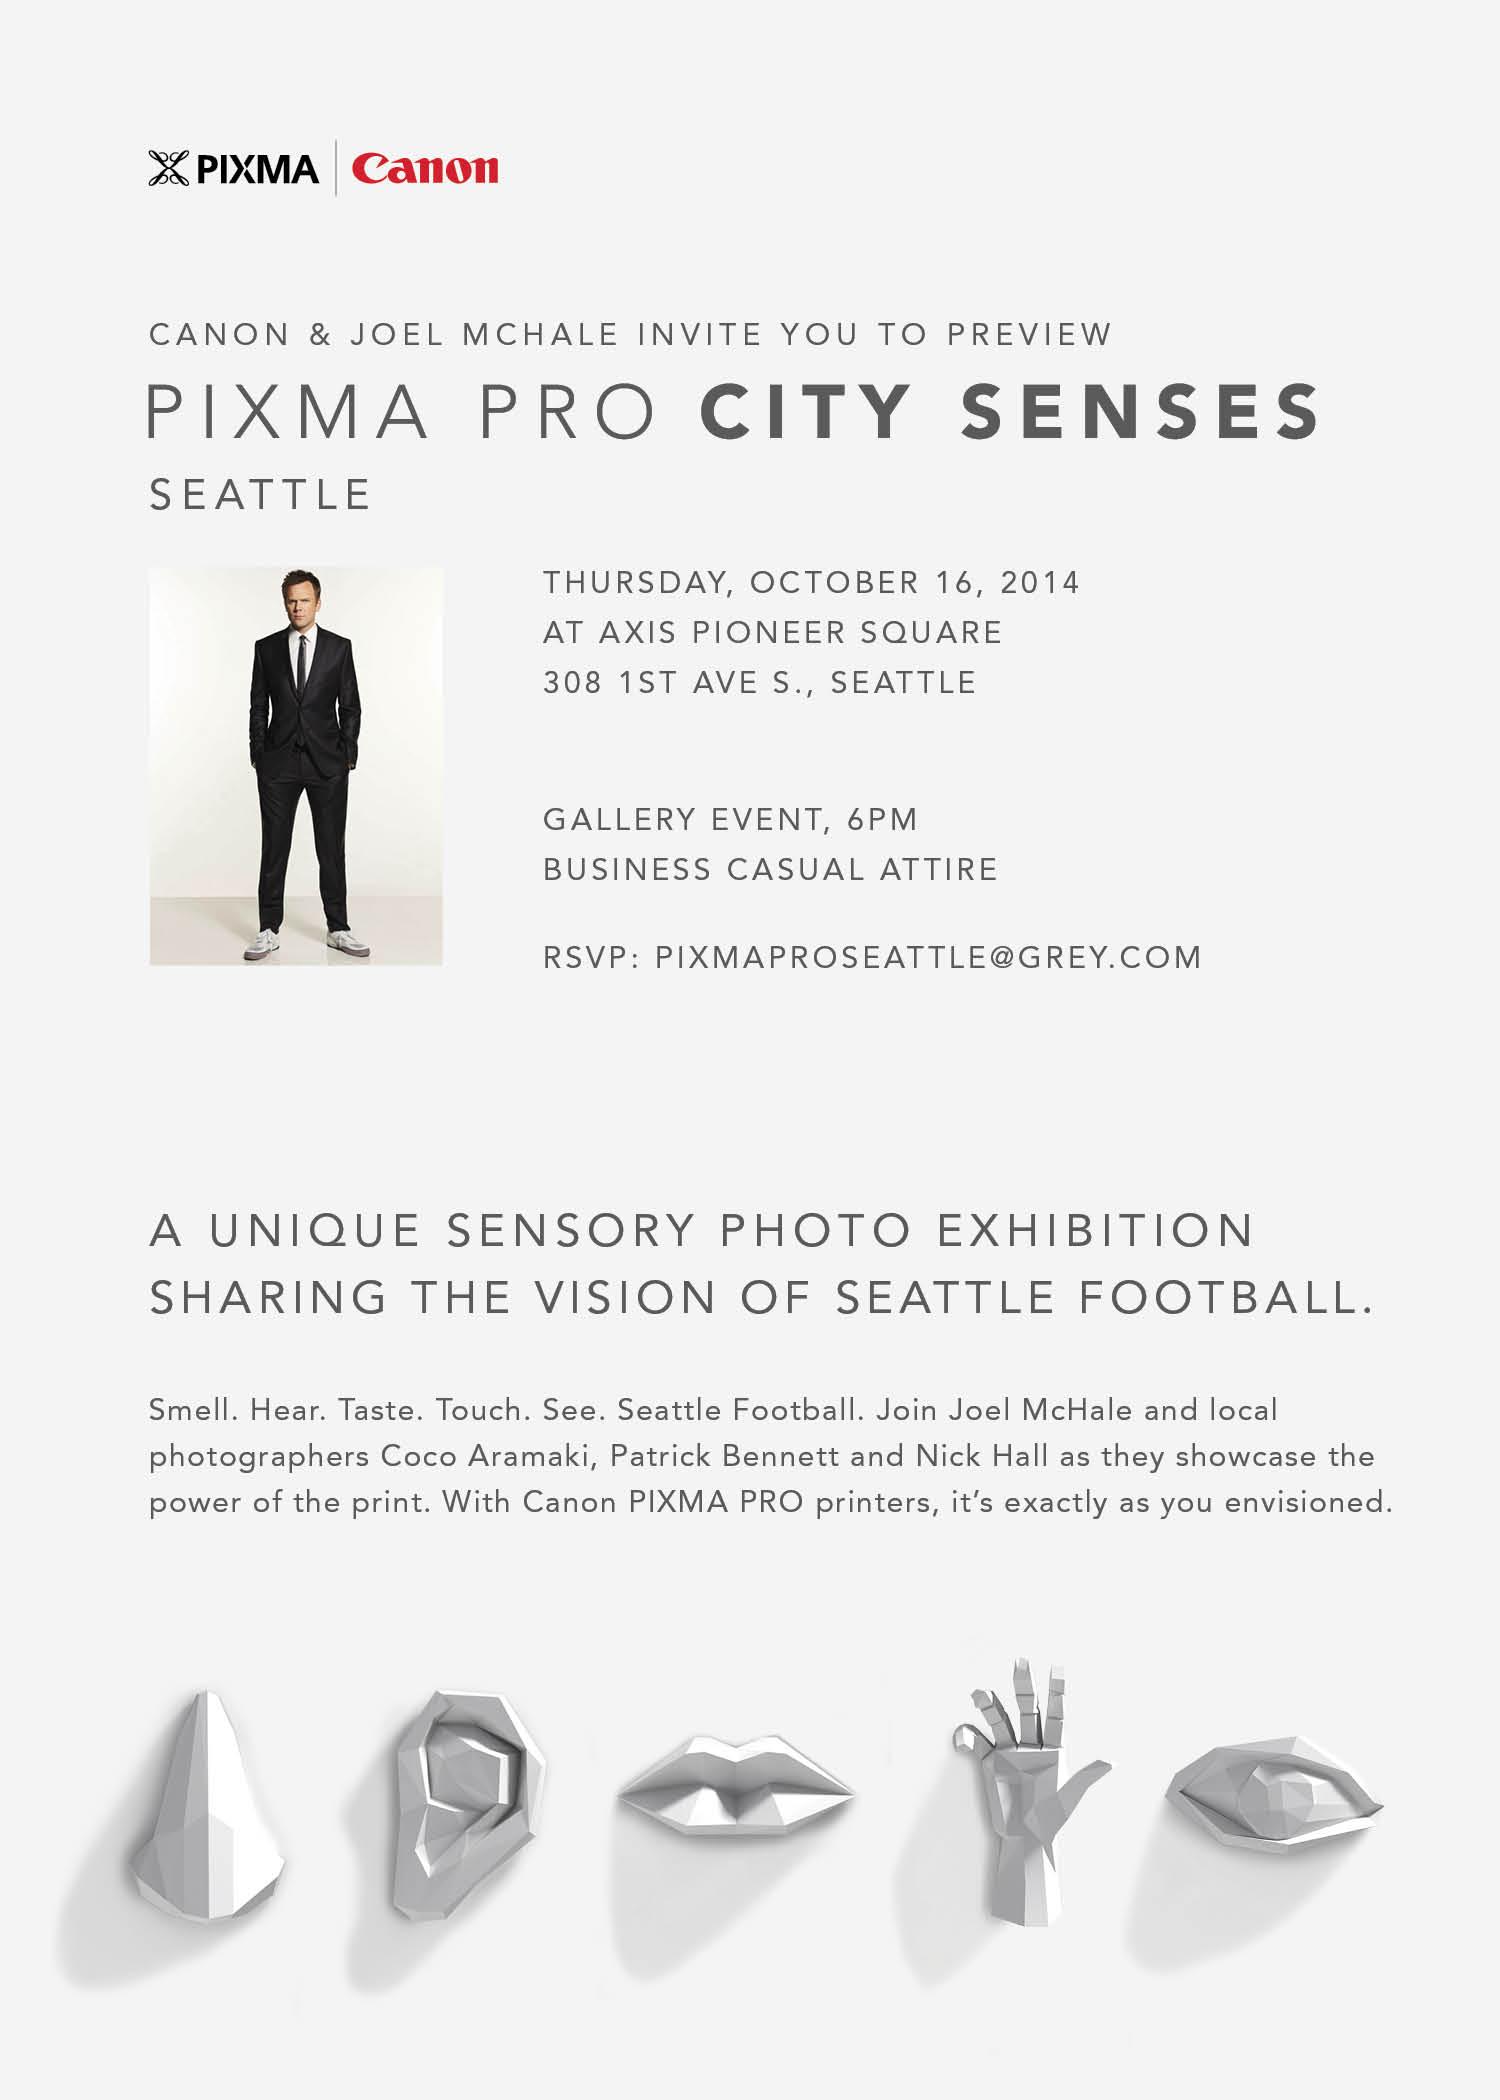 canon-pixma-pro-city-senses-gallery-event-in-seattle-wa-on-101614_15930399181_o.jpg